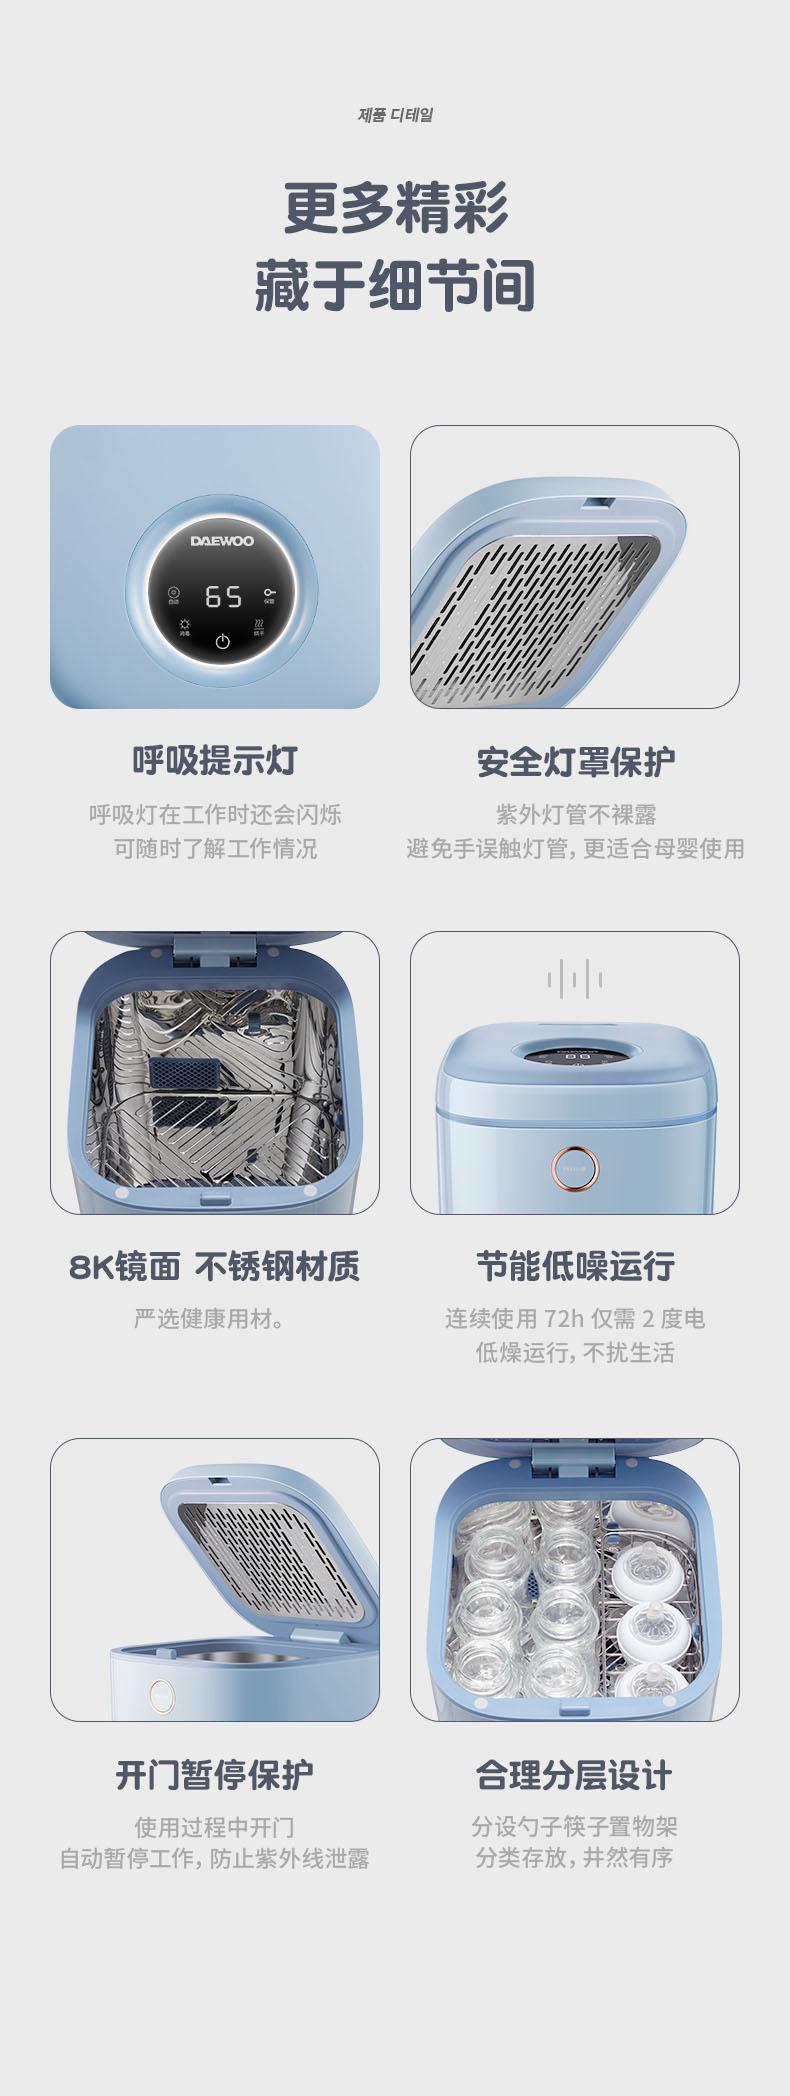 韩国牙刷消毒器_DY-XD13奶瓶消毒机-消毒锅-启泰贸易-DAEWOO品牌合作方